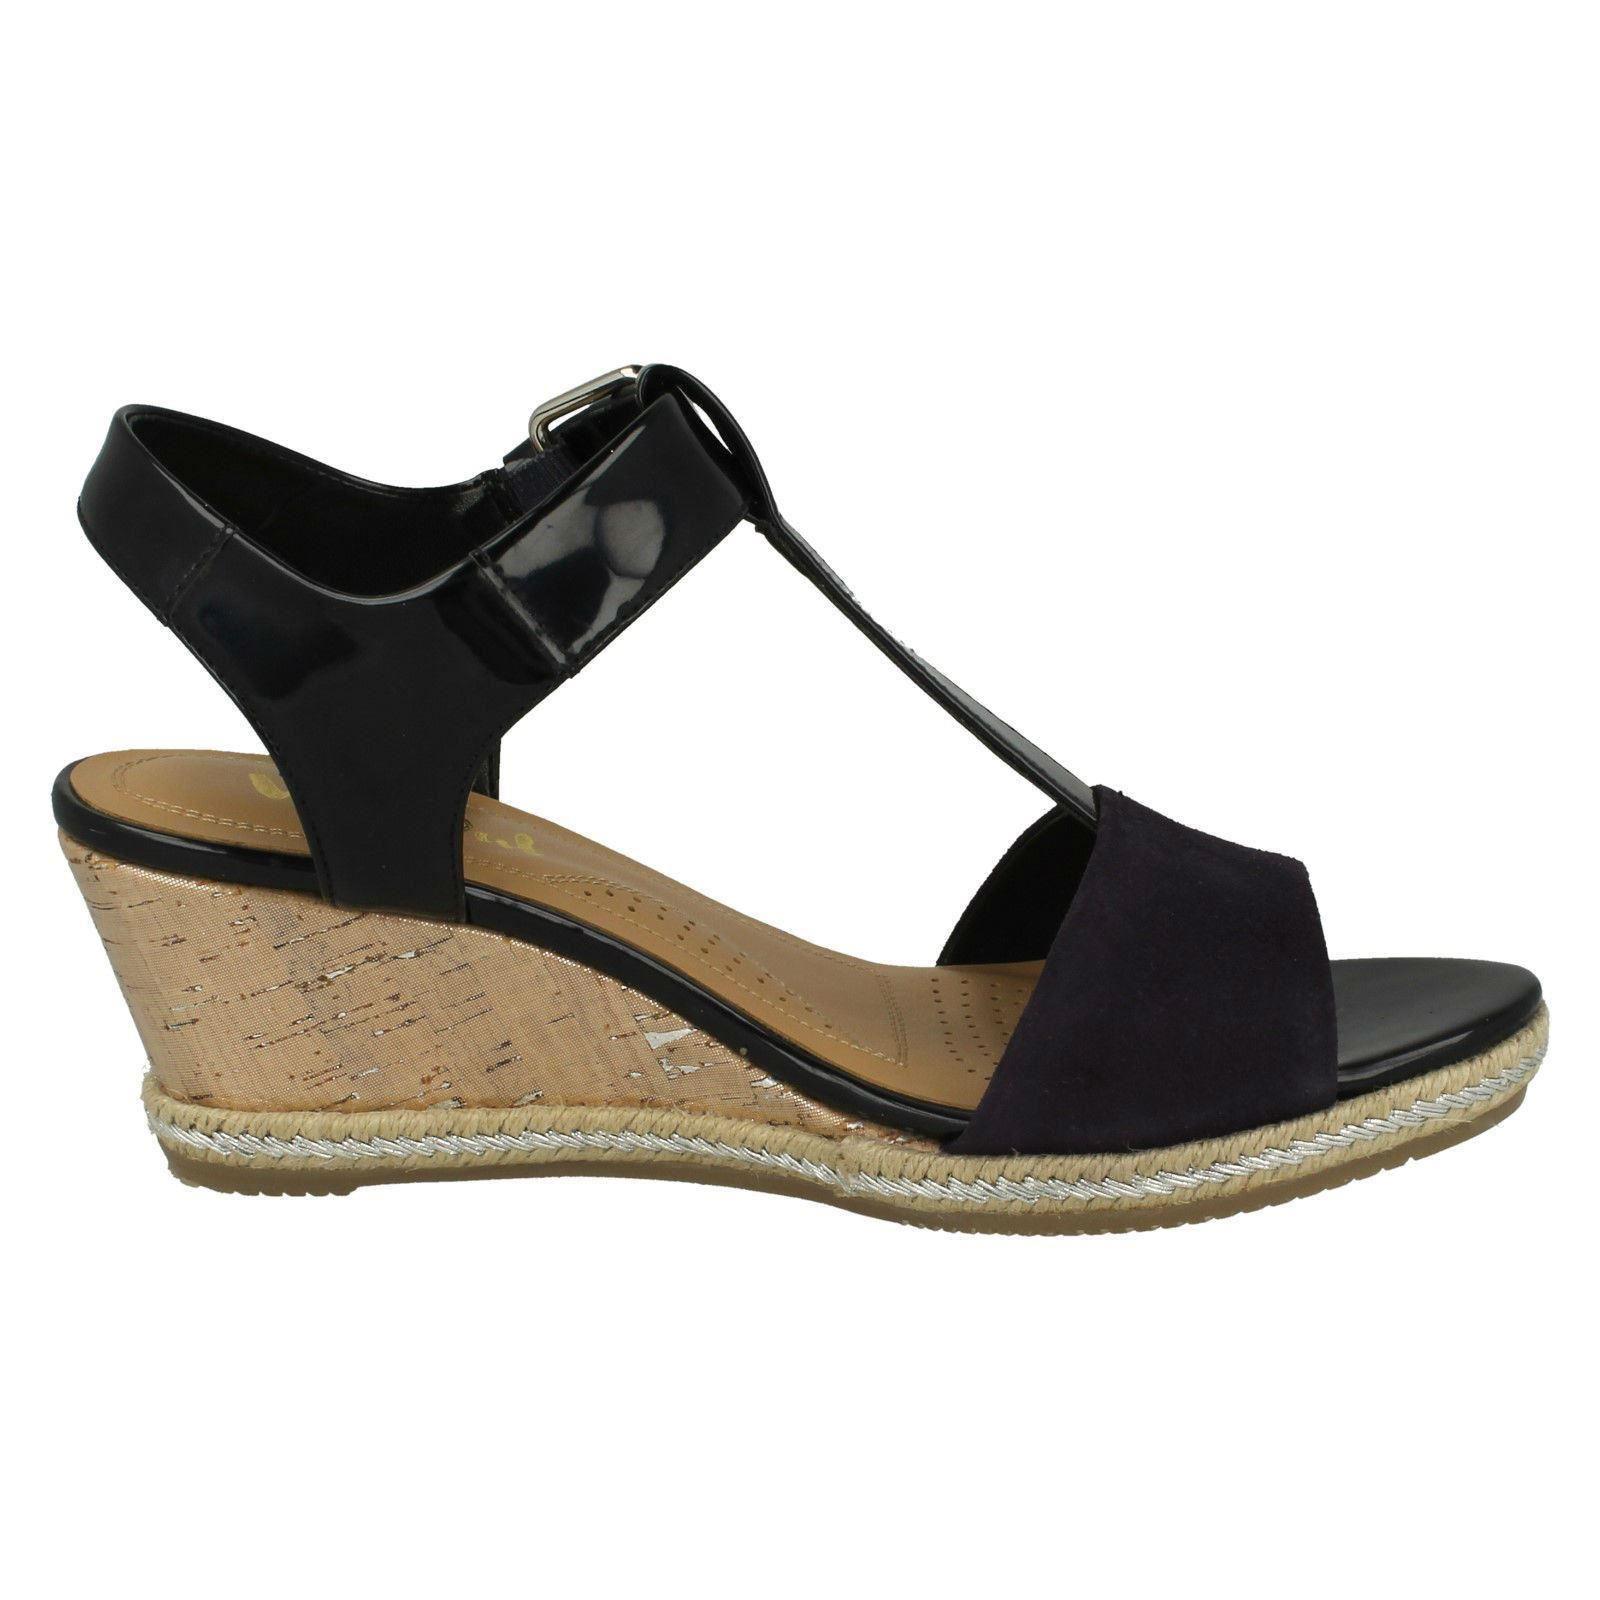 Ladies-Van-Dal-Wedged-Heel-Sandals-Jordan thumbnail 10